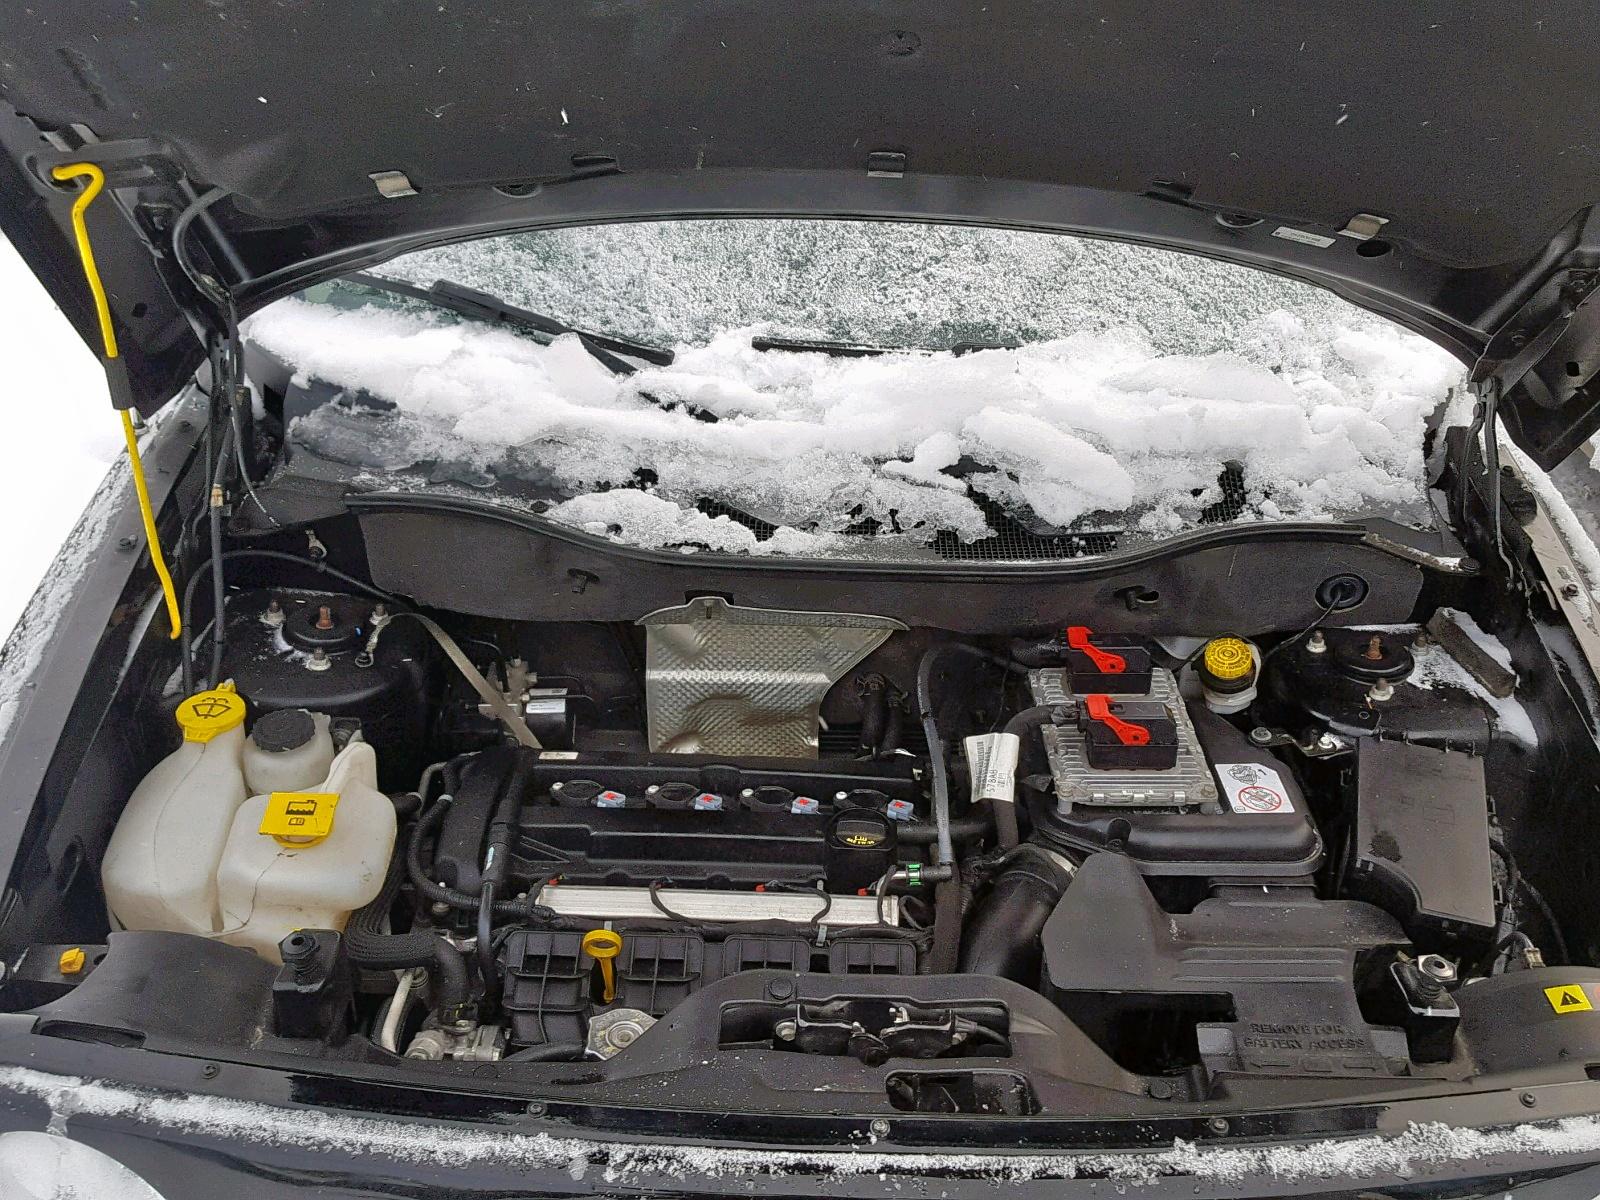 2014 Jeep Patriot Sp 2.0L inside view